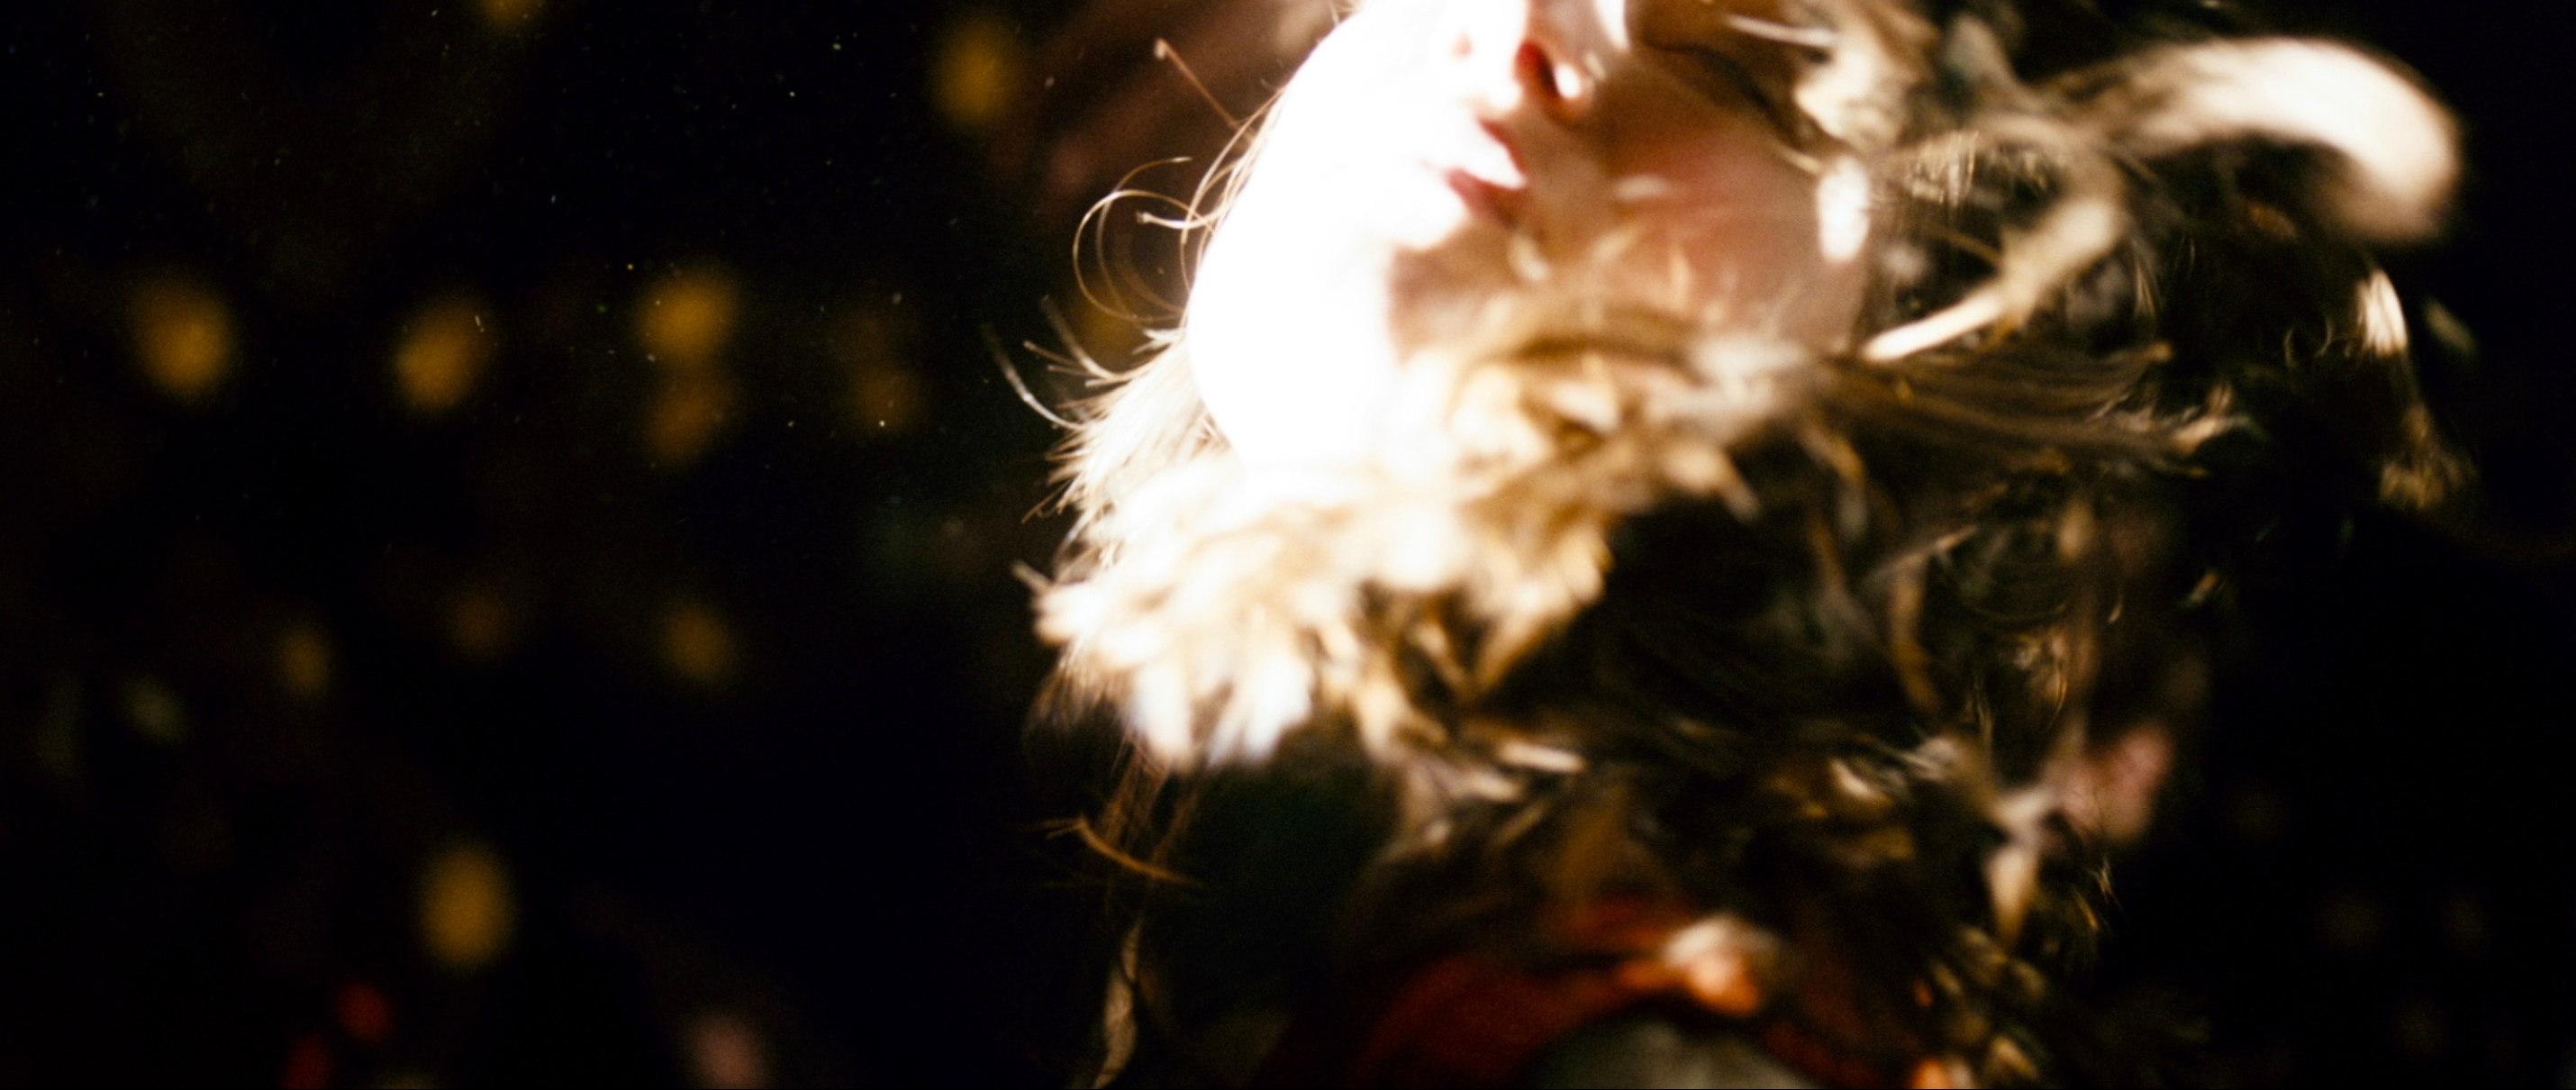 Die göttliche Ordnung - The Divine Order - Szenenbild Tanz - Regie Petra Volpe - Kamera Judith Kaufmann